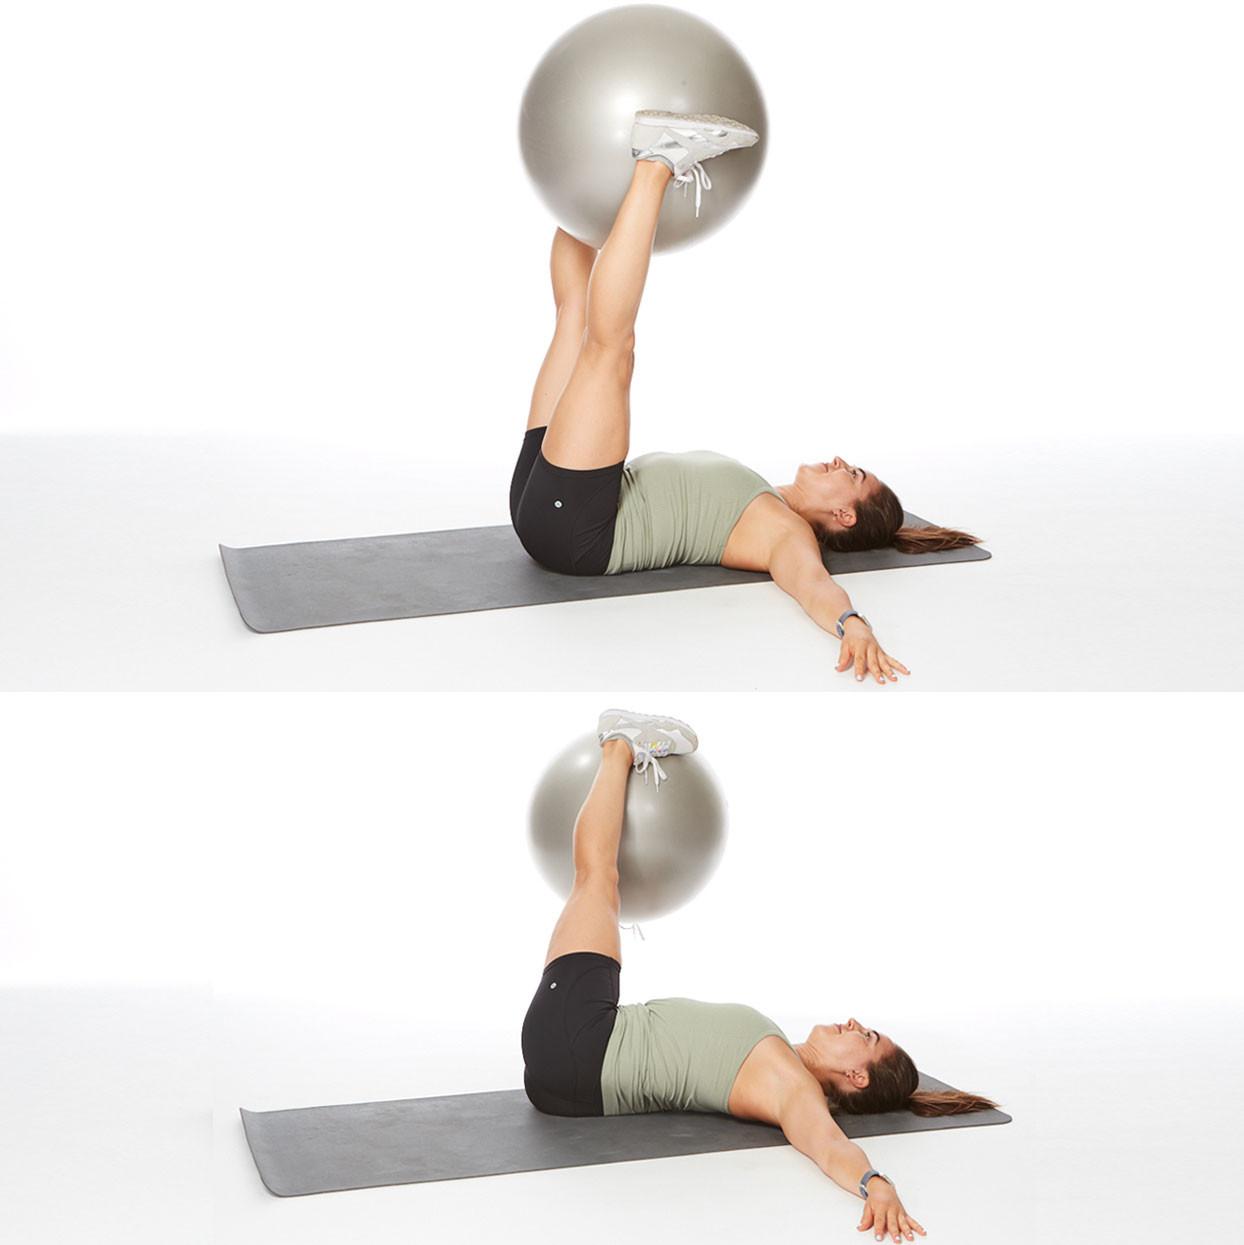 تمارين لشد الجسم - التمرين الثالث لشد البطن